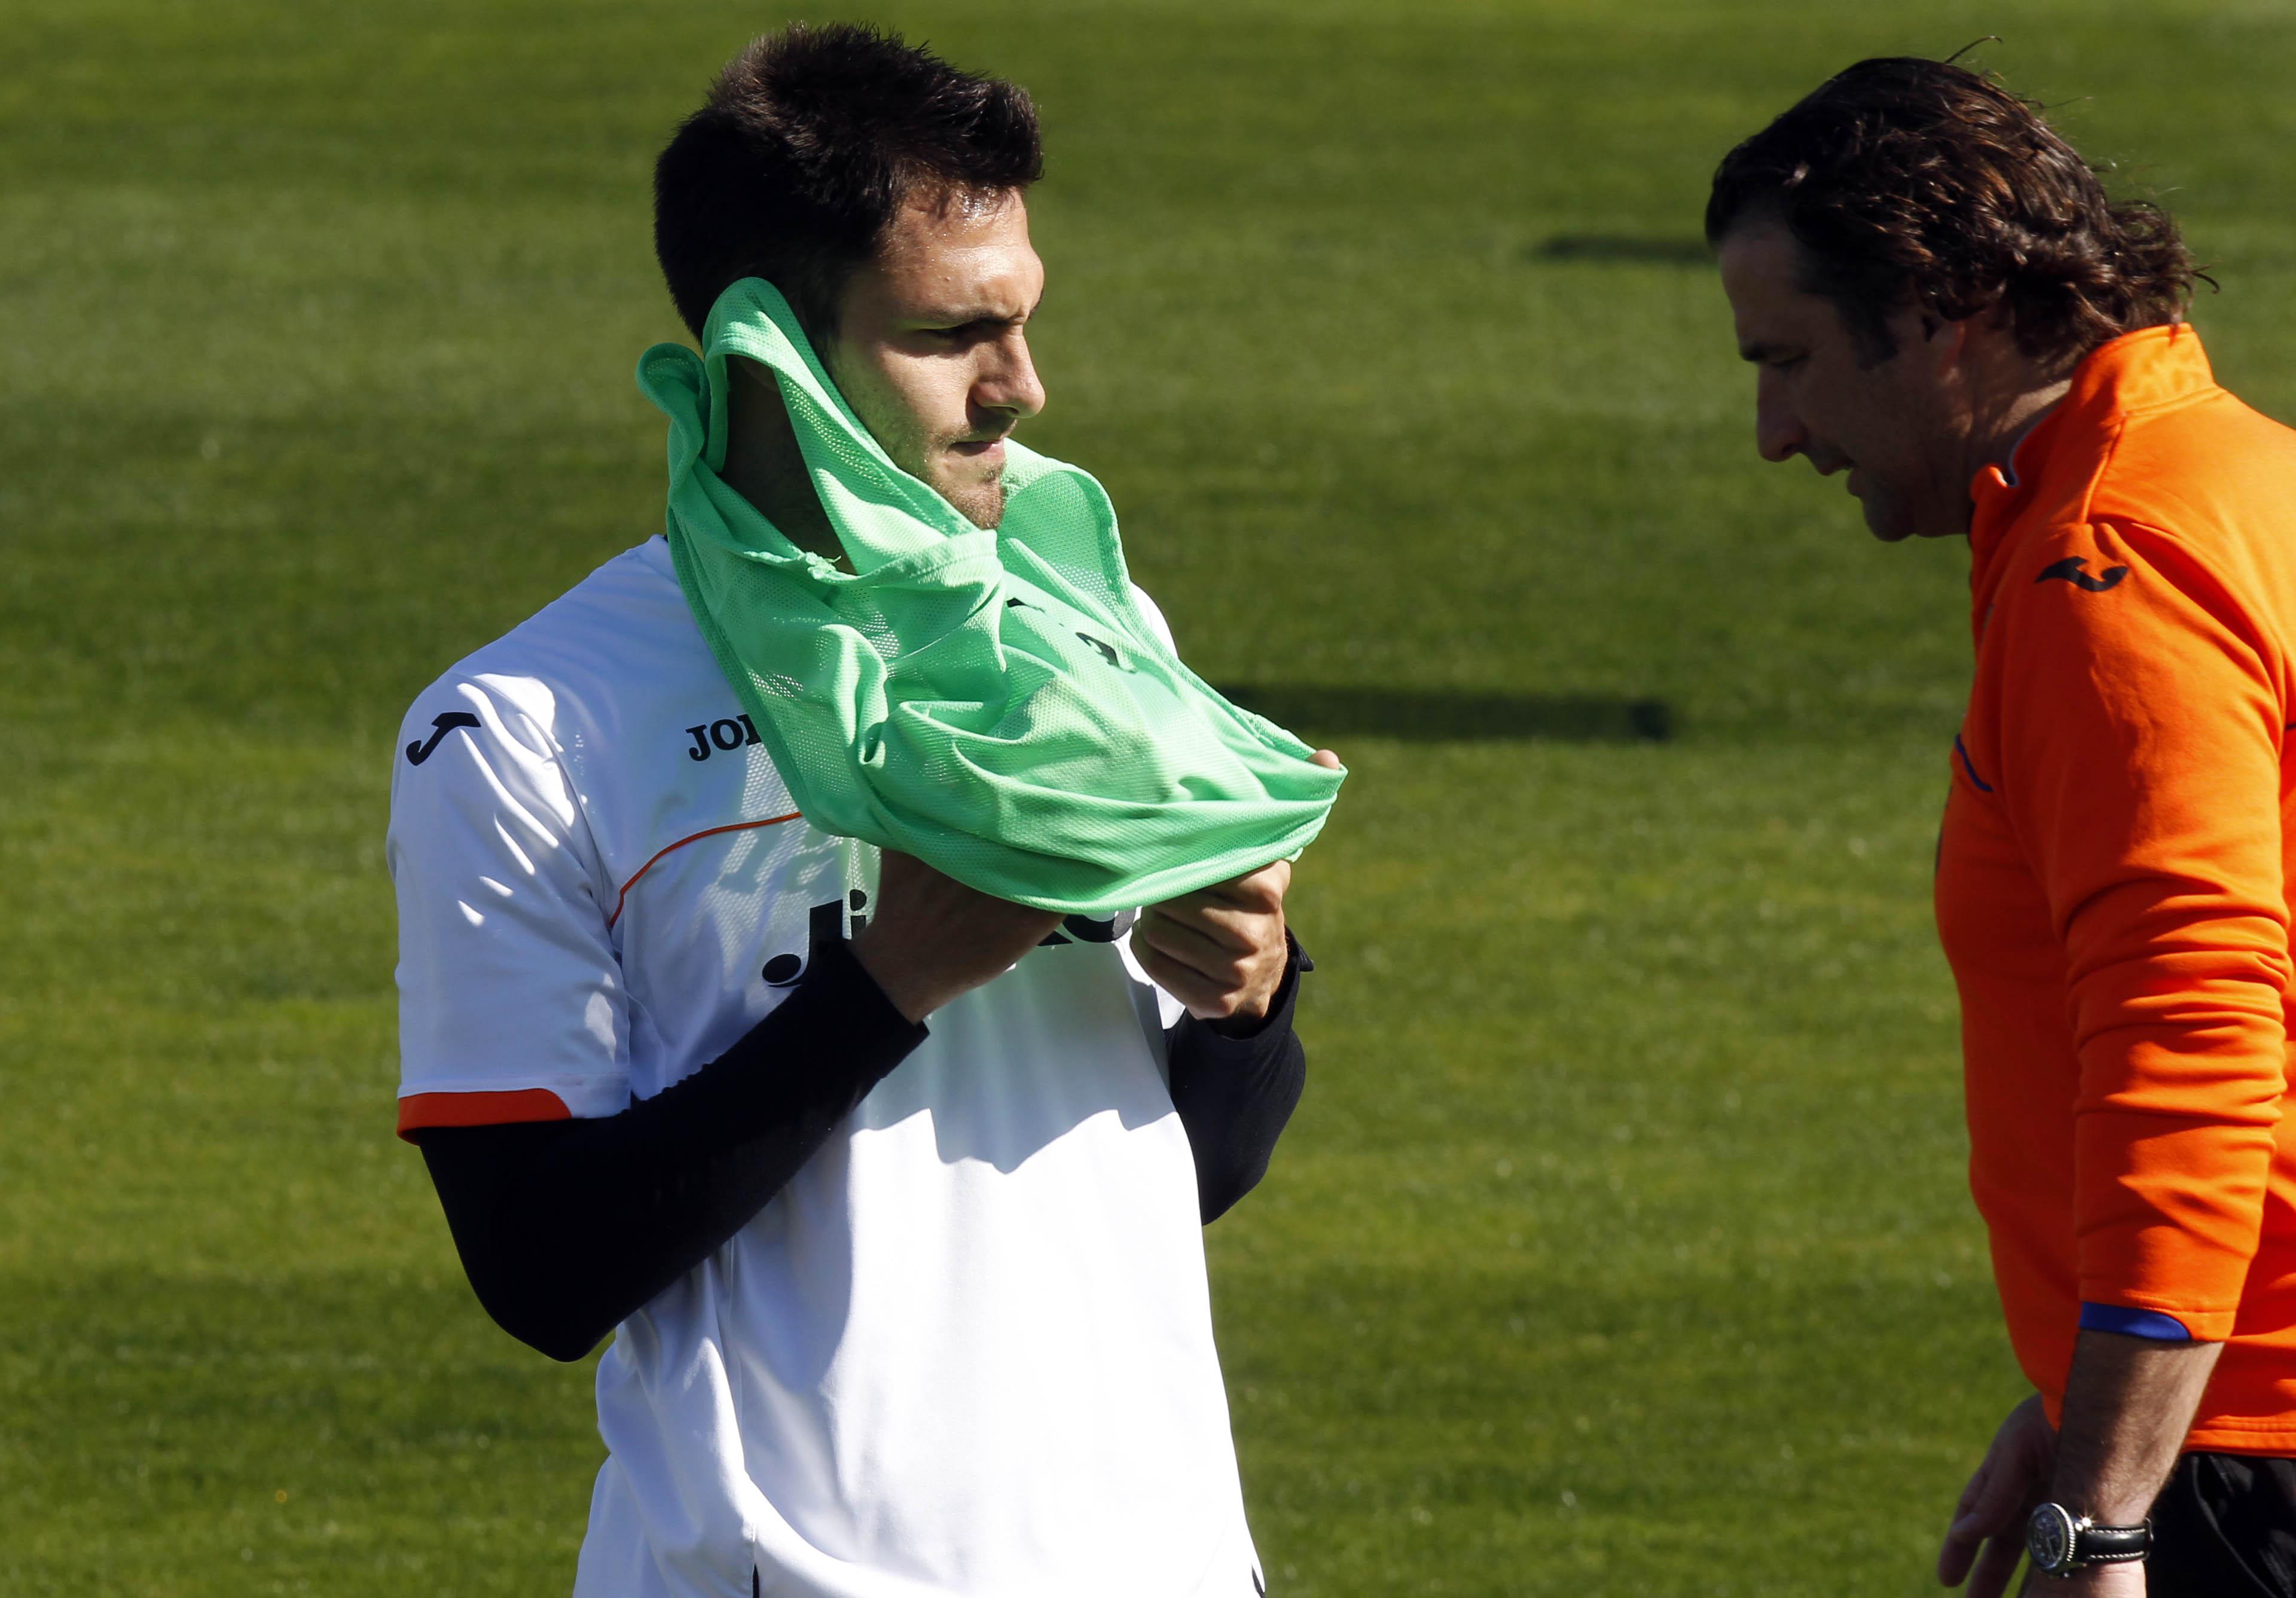 El entrenamiento del Valencia, en imágenes